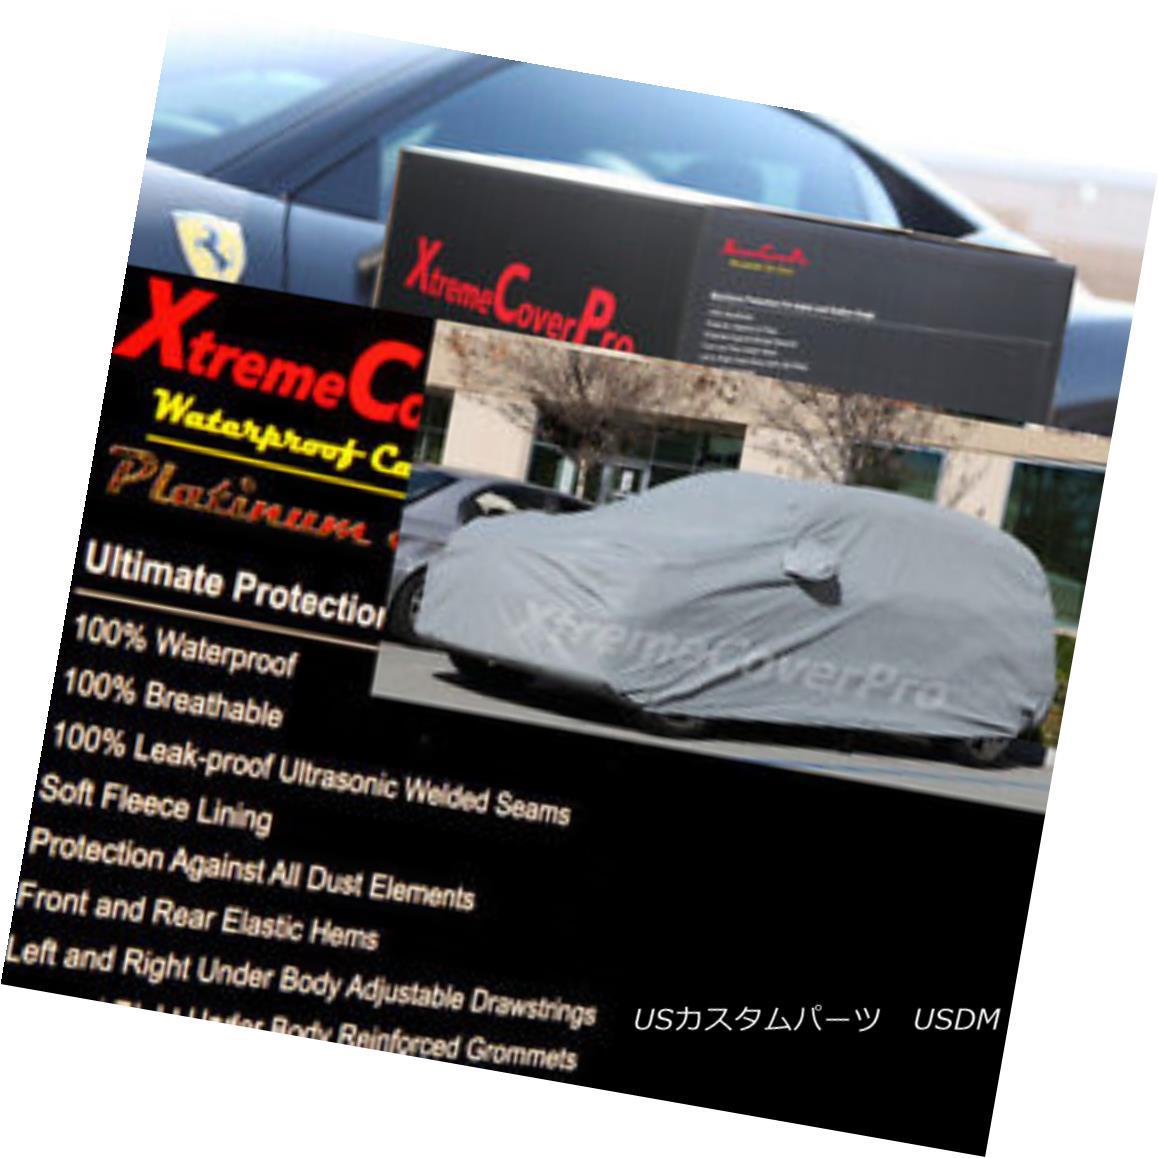 カーカバー 2006 2007 2008 2009 Chevy TrailBlazer EXT Waterproof Car Cover w/MirrorPocket 2006年2007年2008年シボレートレイルブレイザーEXT防水カーカバー(ミラーポケット付)